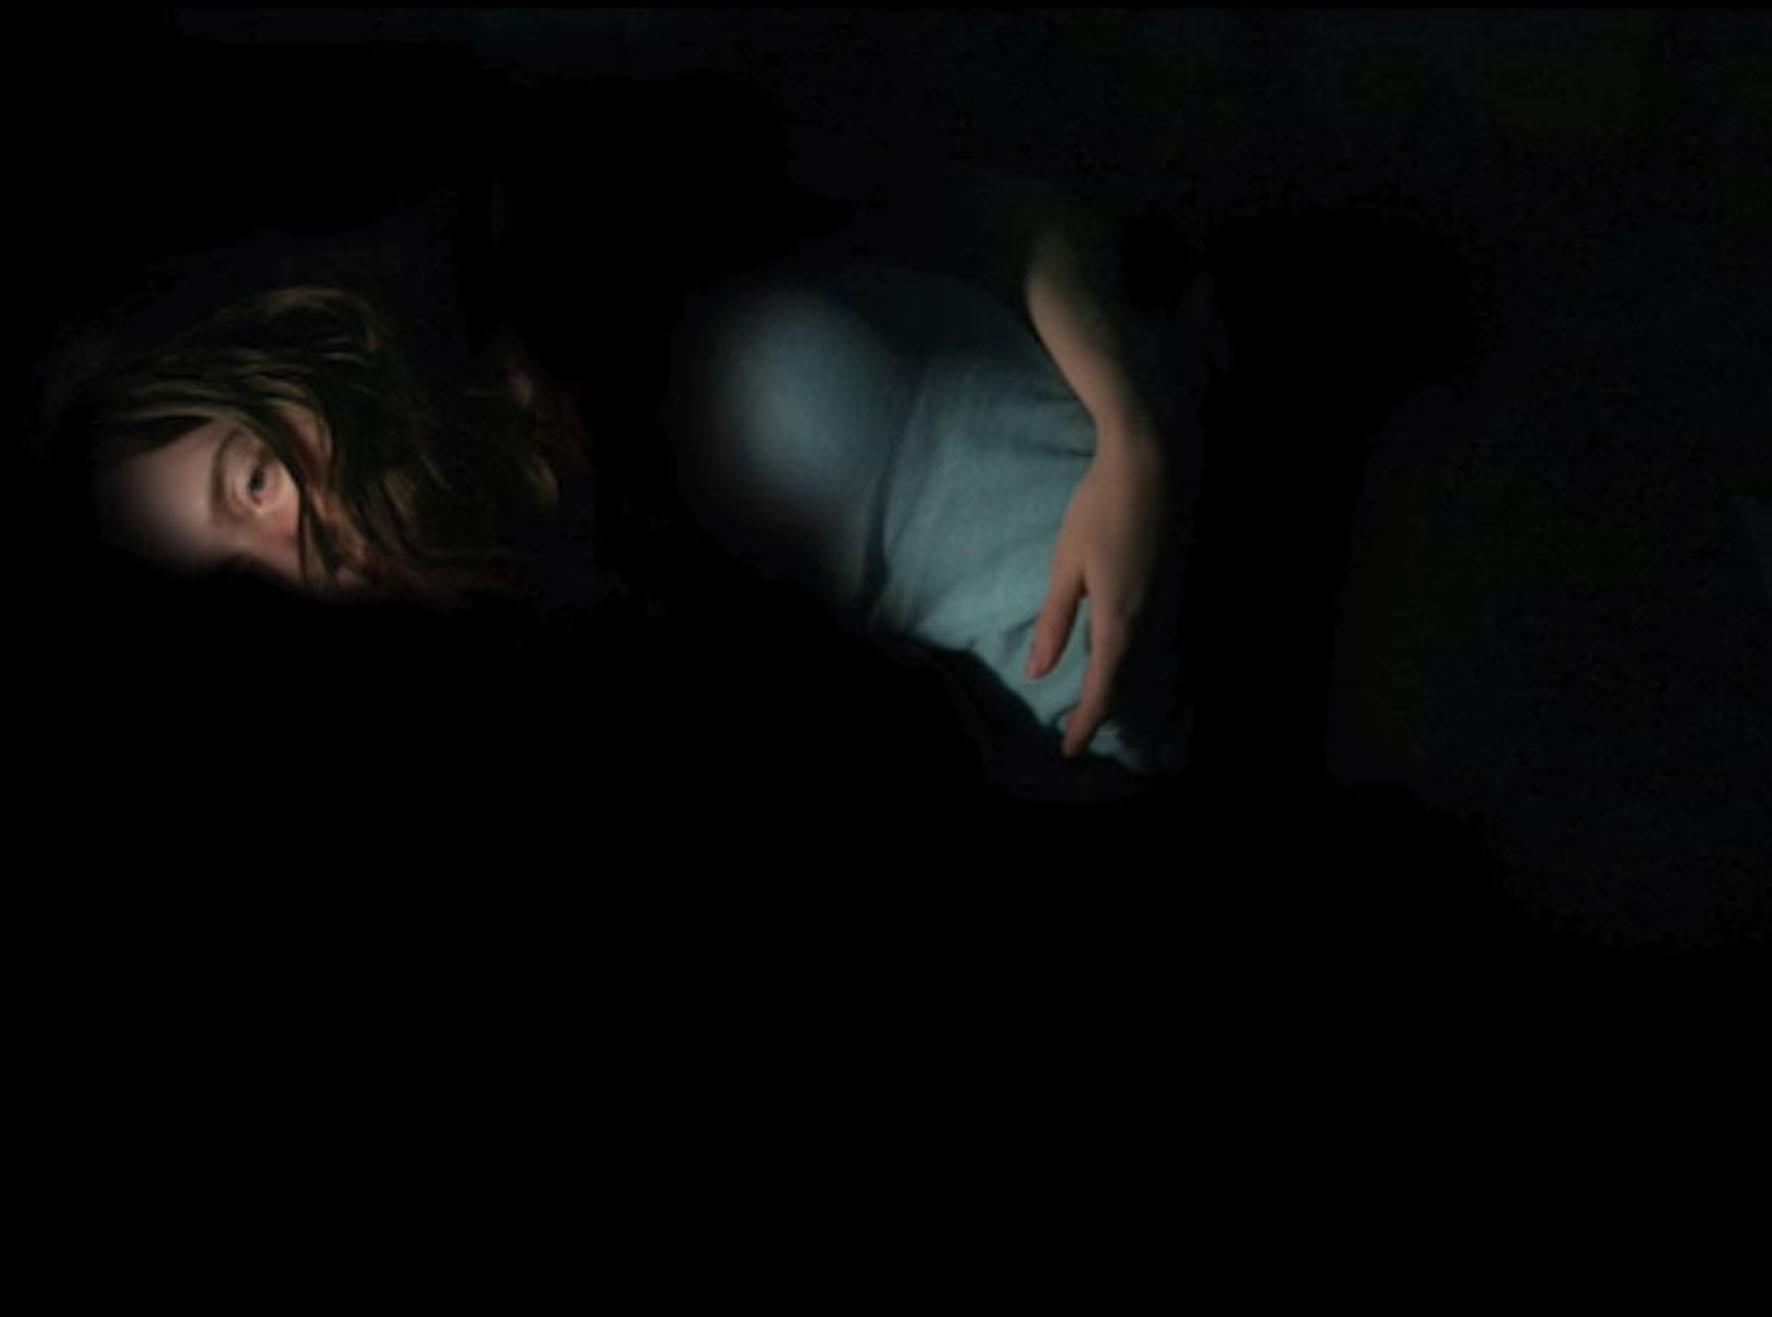 Eloise Calandre, Dark Sea, 2009, digital video (still)